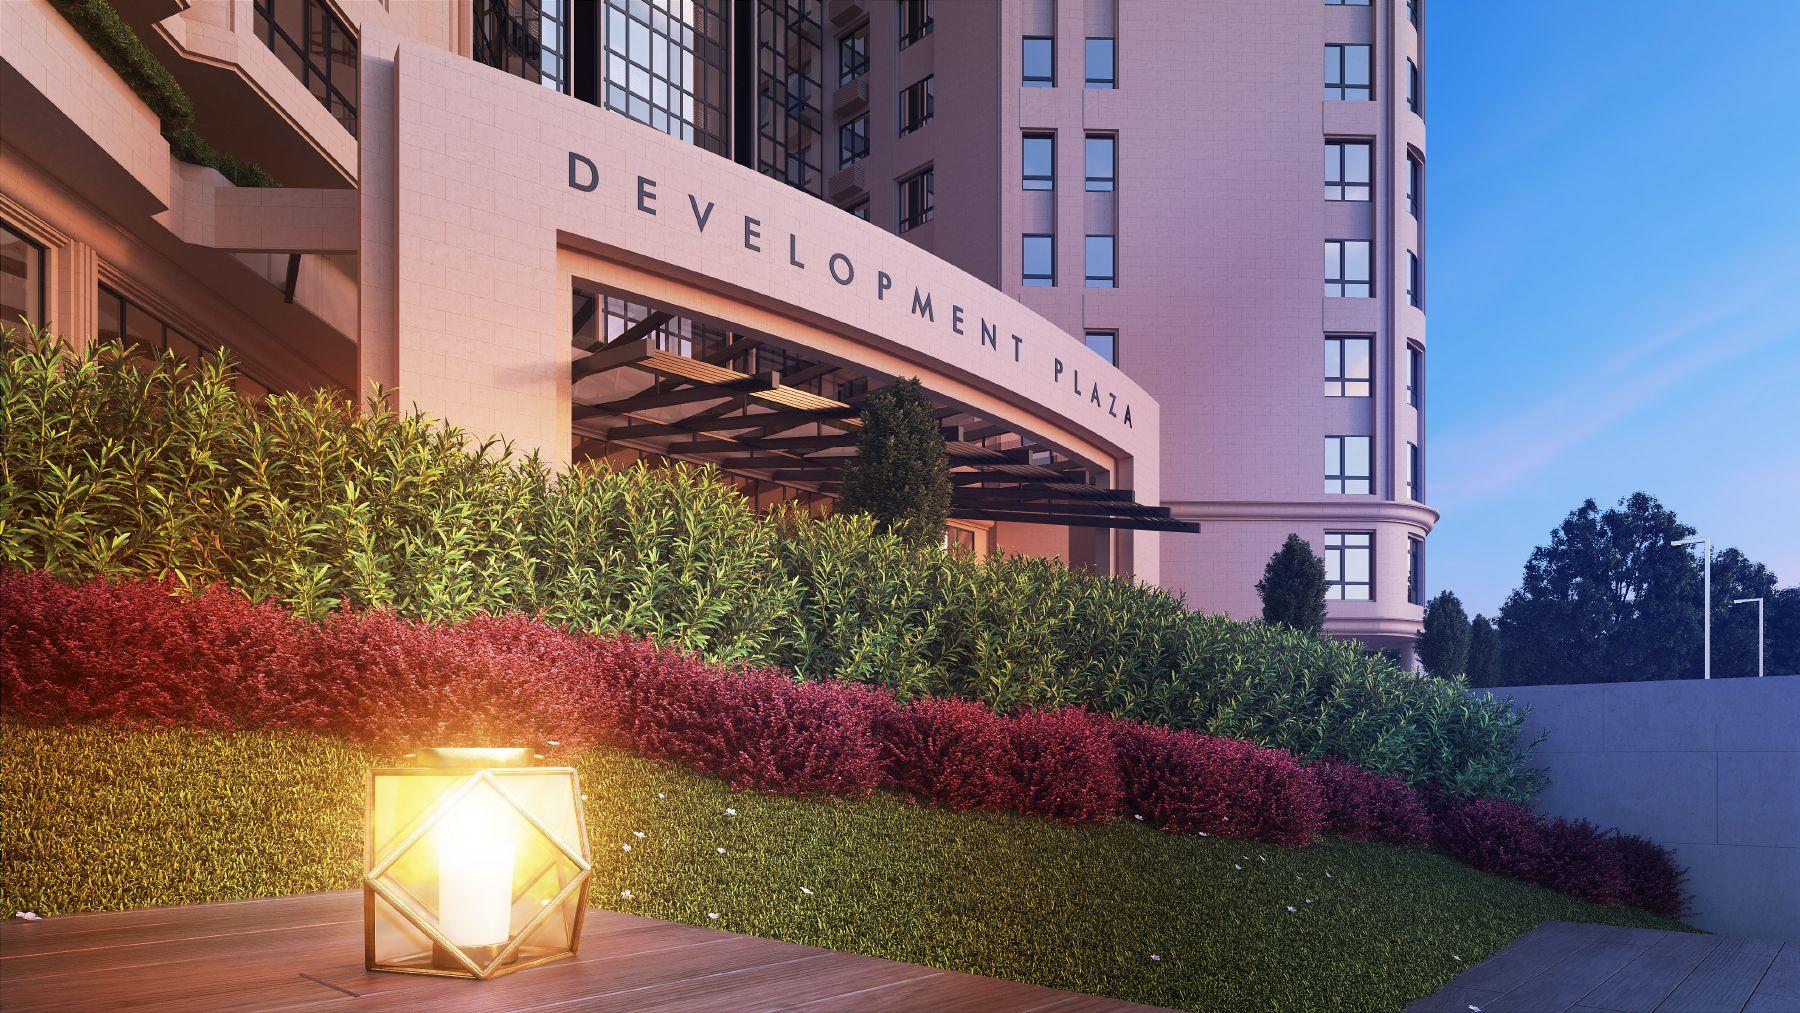 купить квартиру в ЖК Development-Plaza (Девелопмент-Плаза)